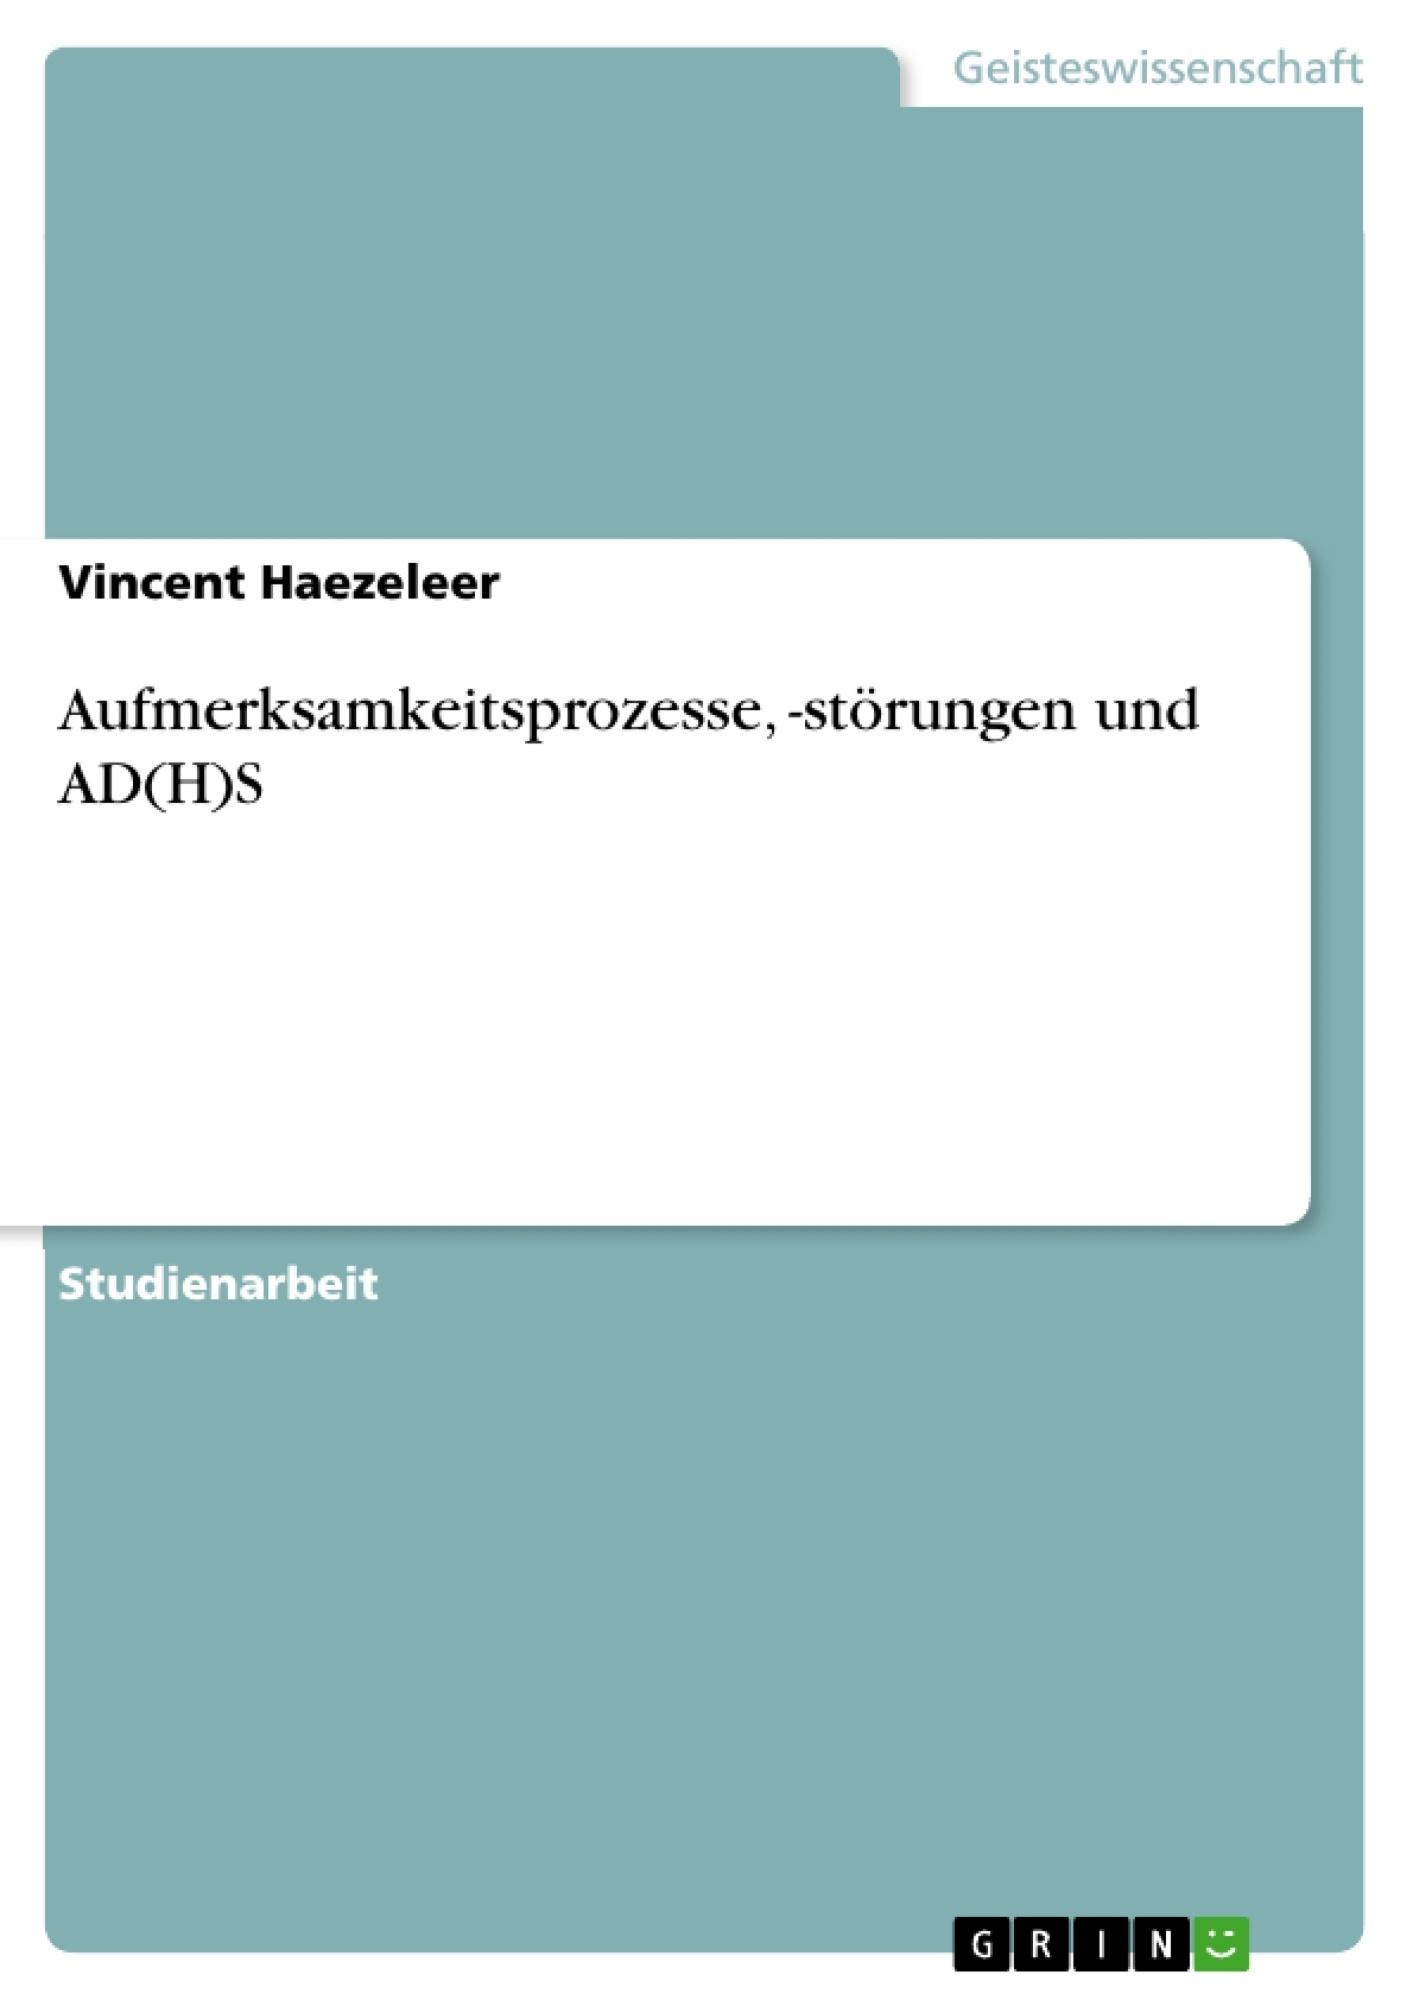 Titel: Aufmerksamkeitsprozesse, -störungen und AD(H)S